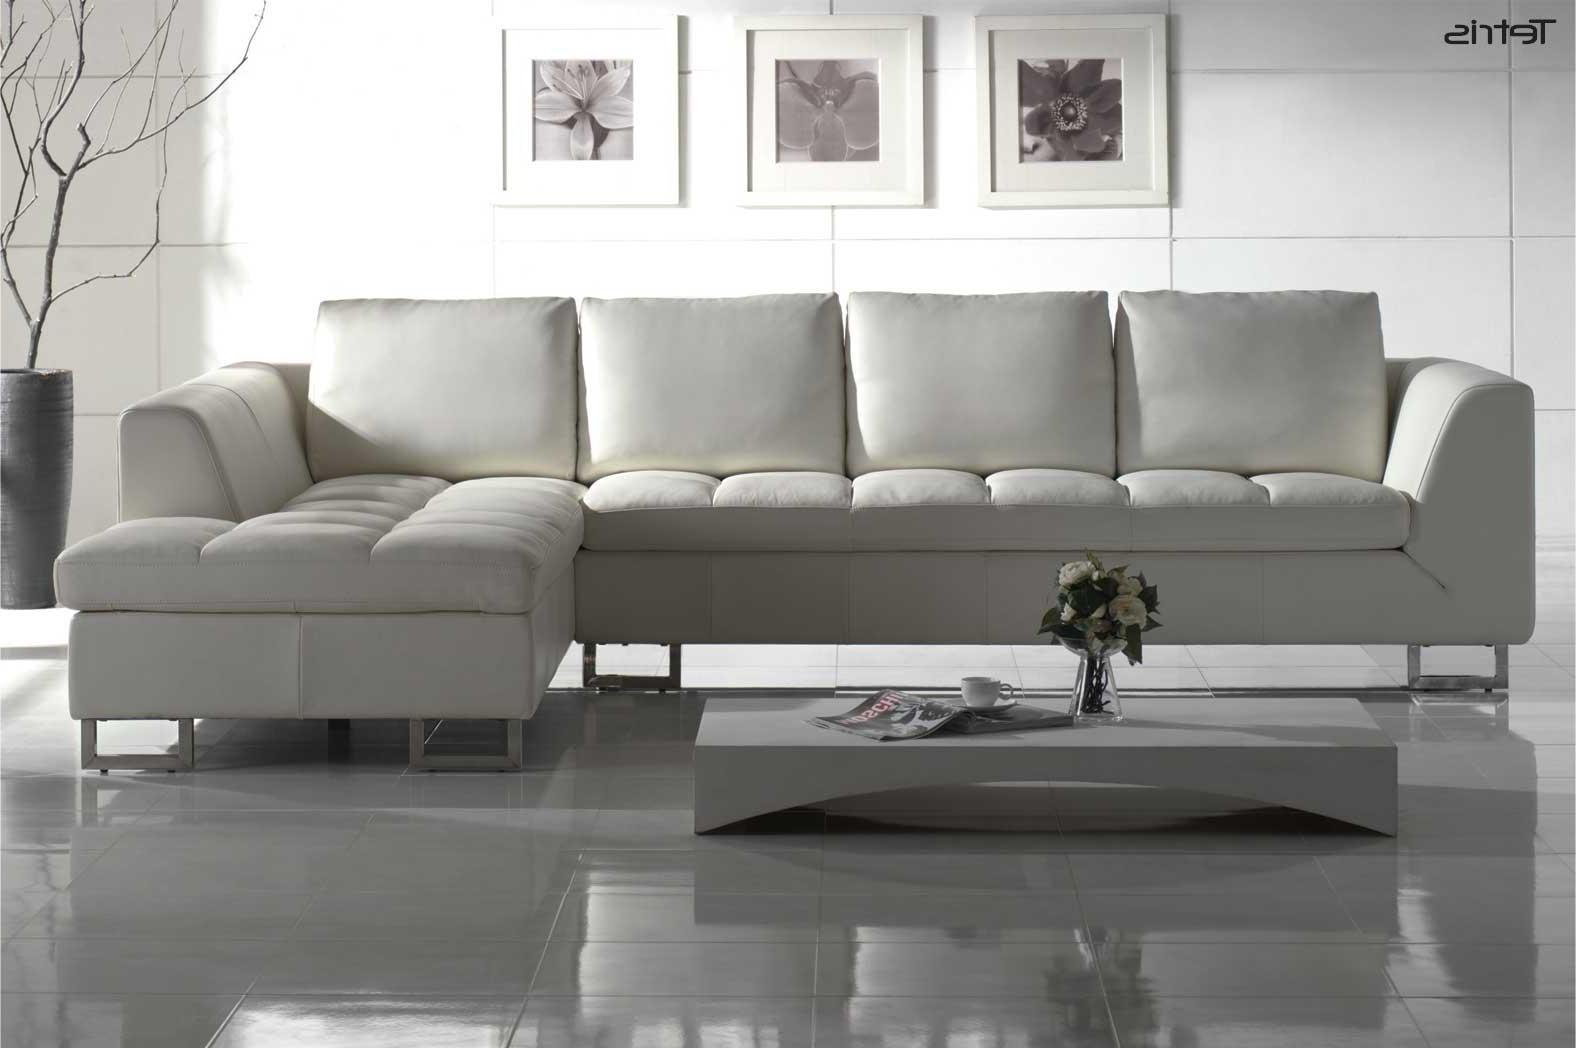 White Leather Sofas With Regard To Fashionable White Leather Contemporary Sofa : Best Leather Contemporary Sofa (View 12 of 15)